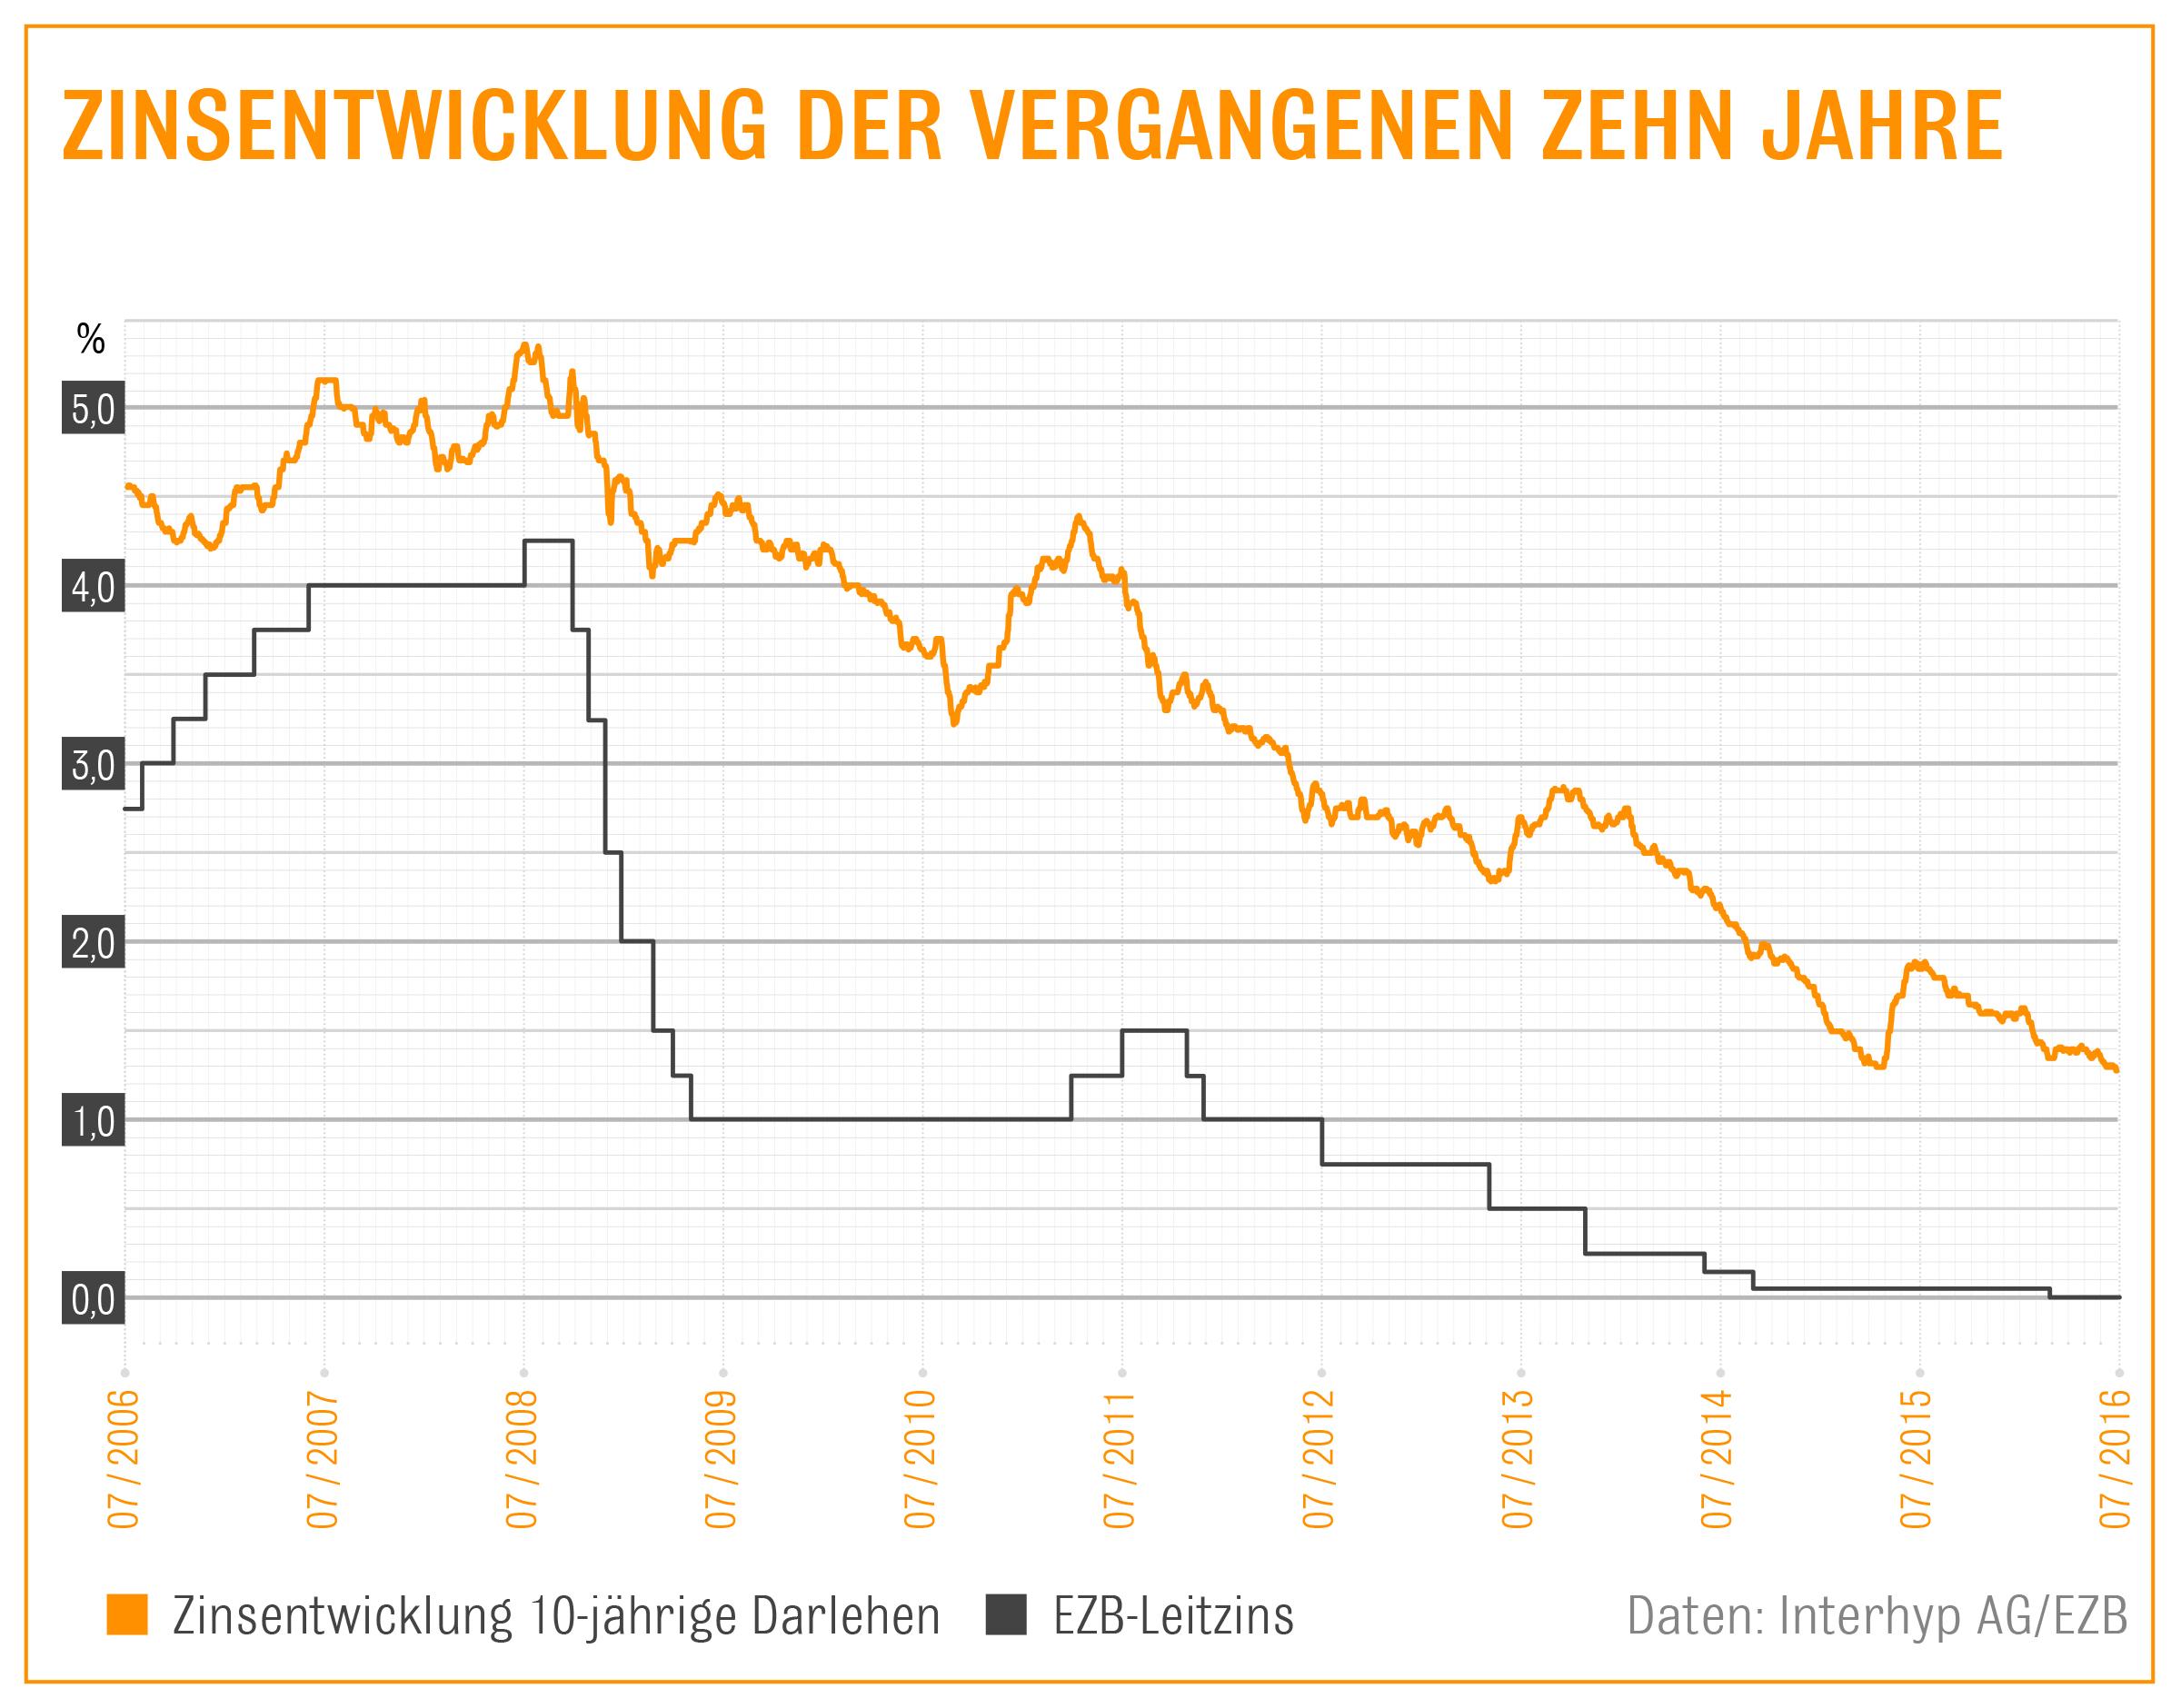 Interhyp Zinsentwicklung 07 16 Newsaktuell in Interhyp: Hauskäufer profitieren vom Brexit